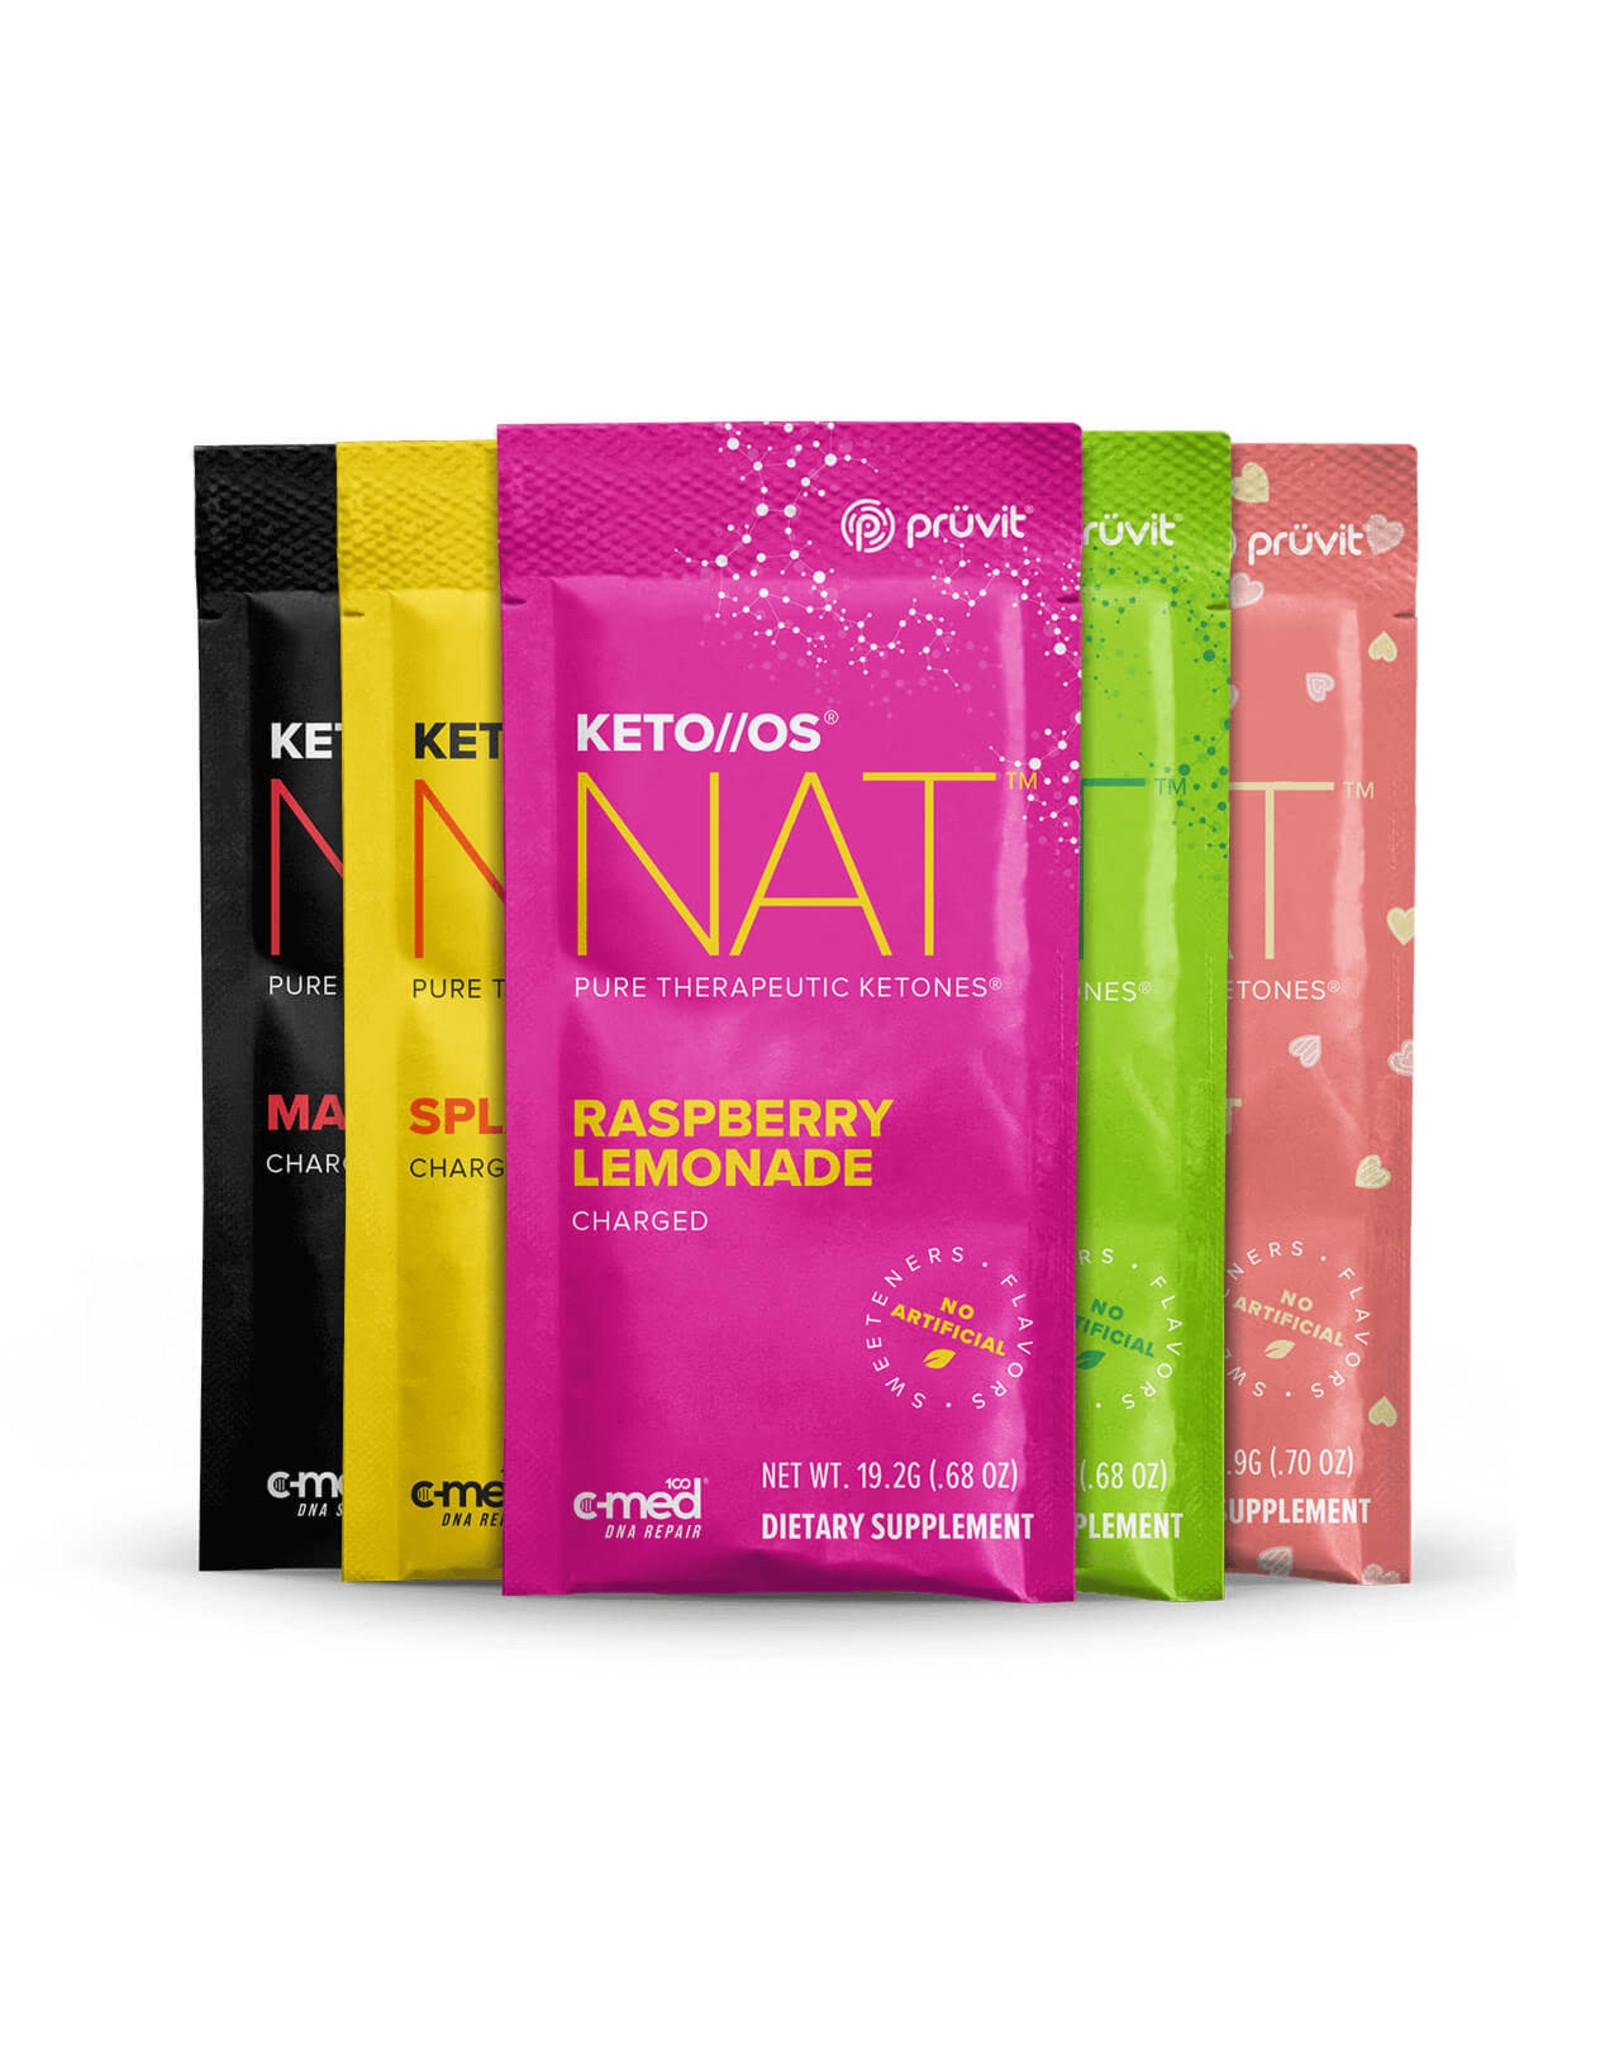 Pruvit Ketones Trial Pack